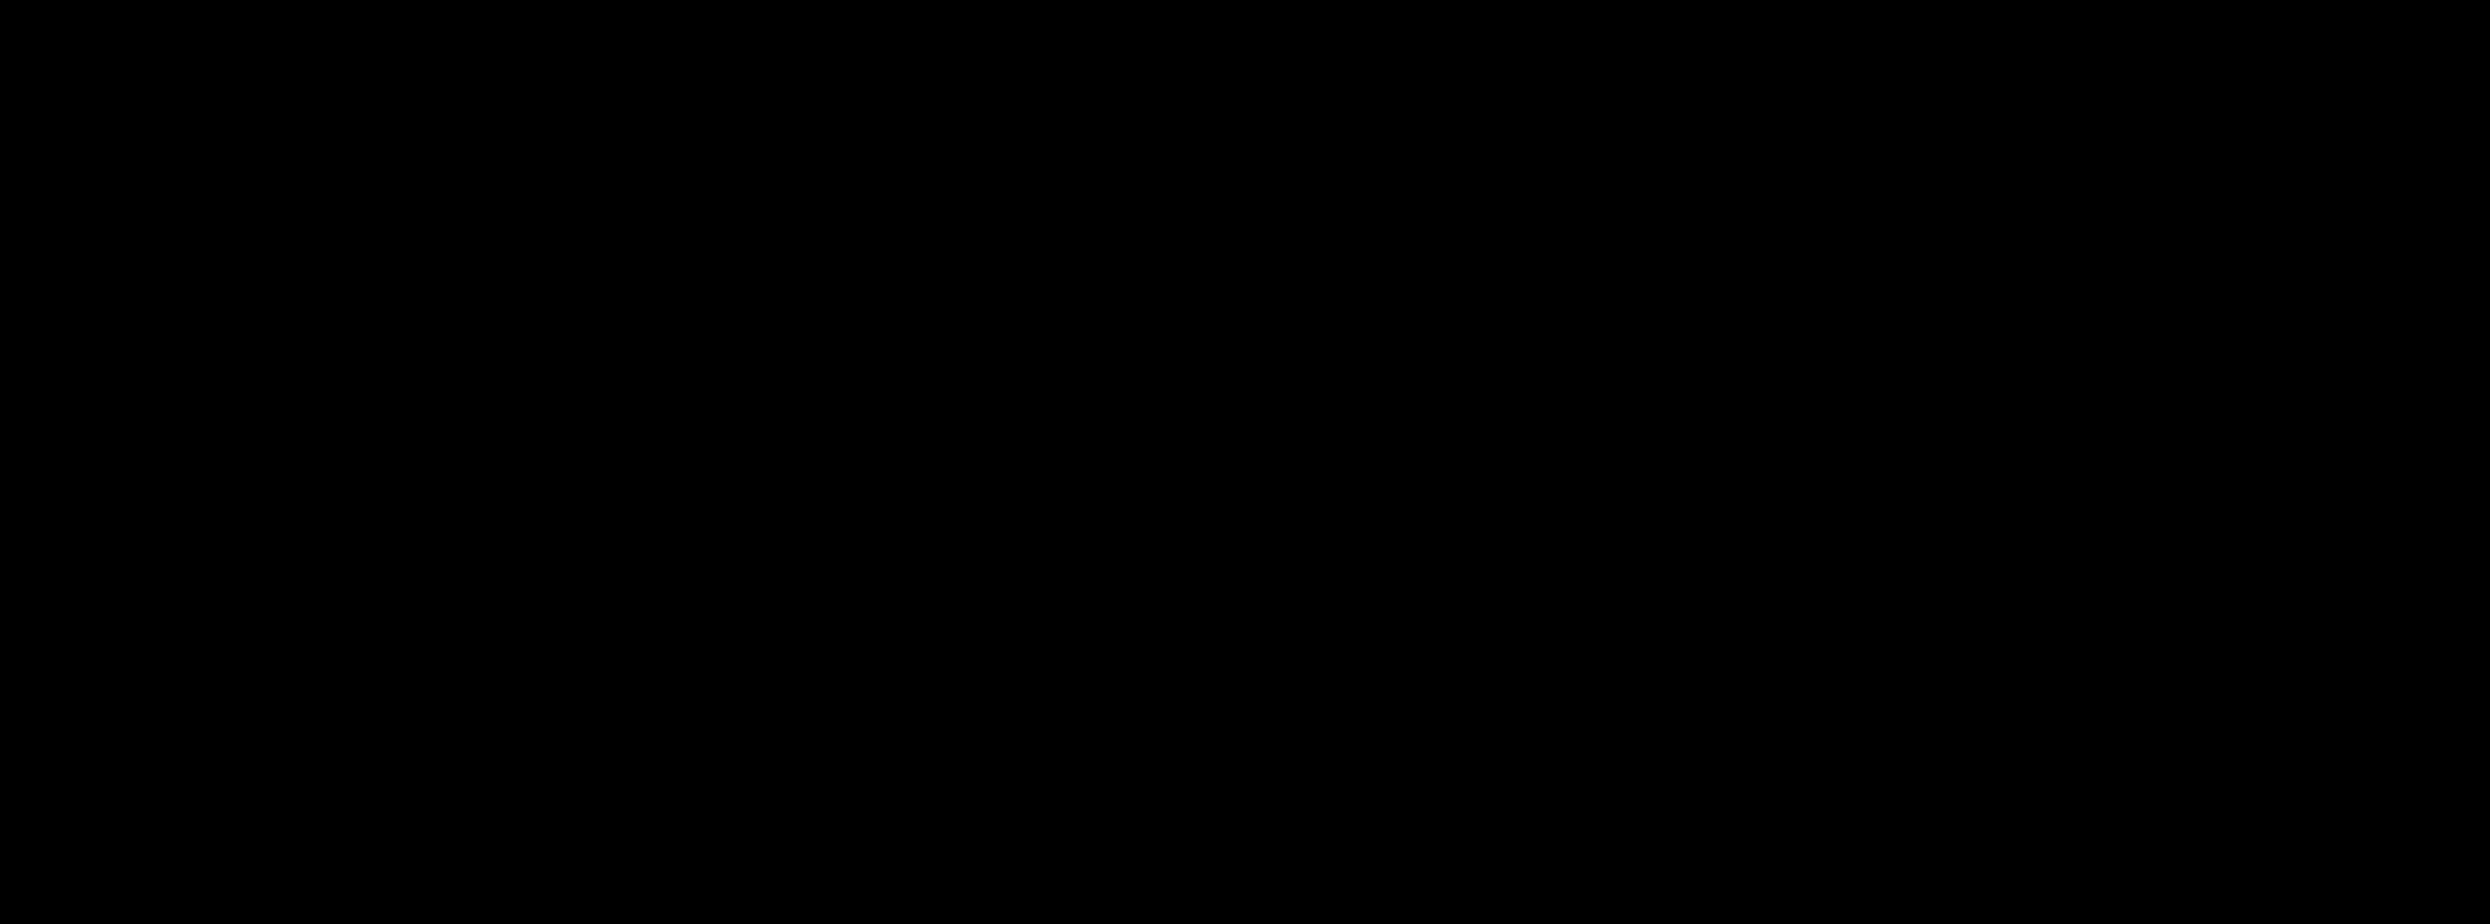 N1-Dansyl spermine